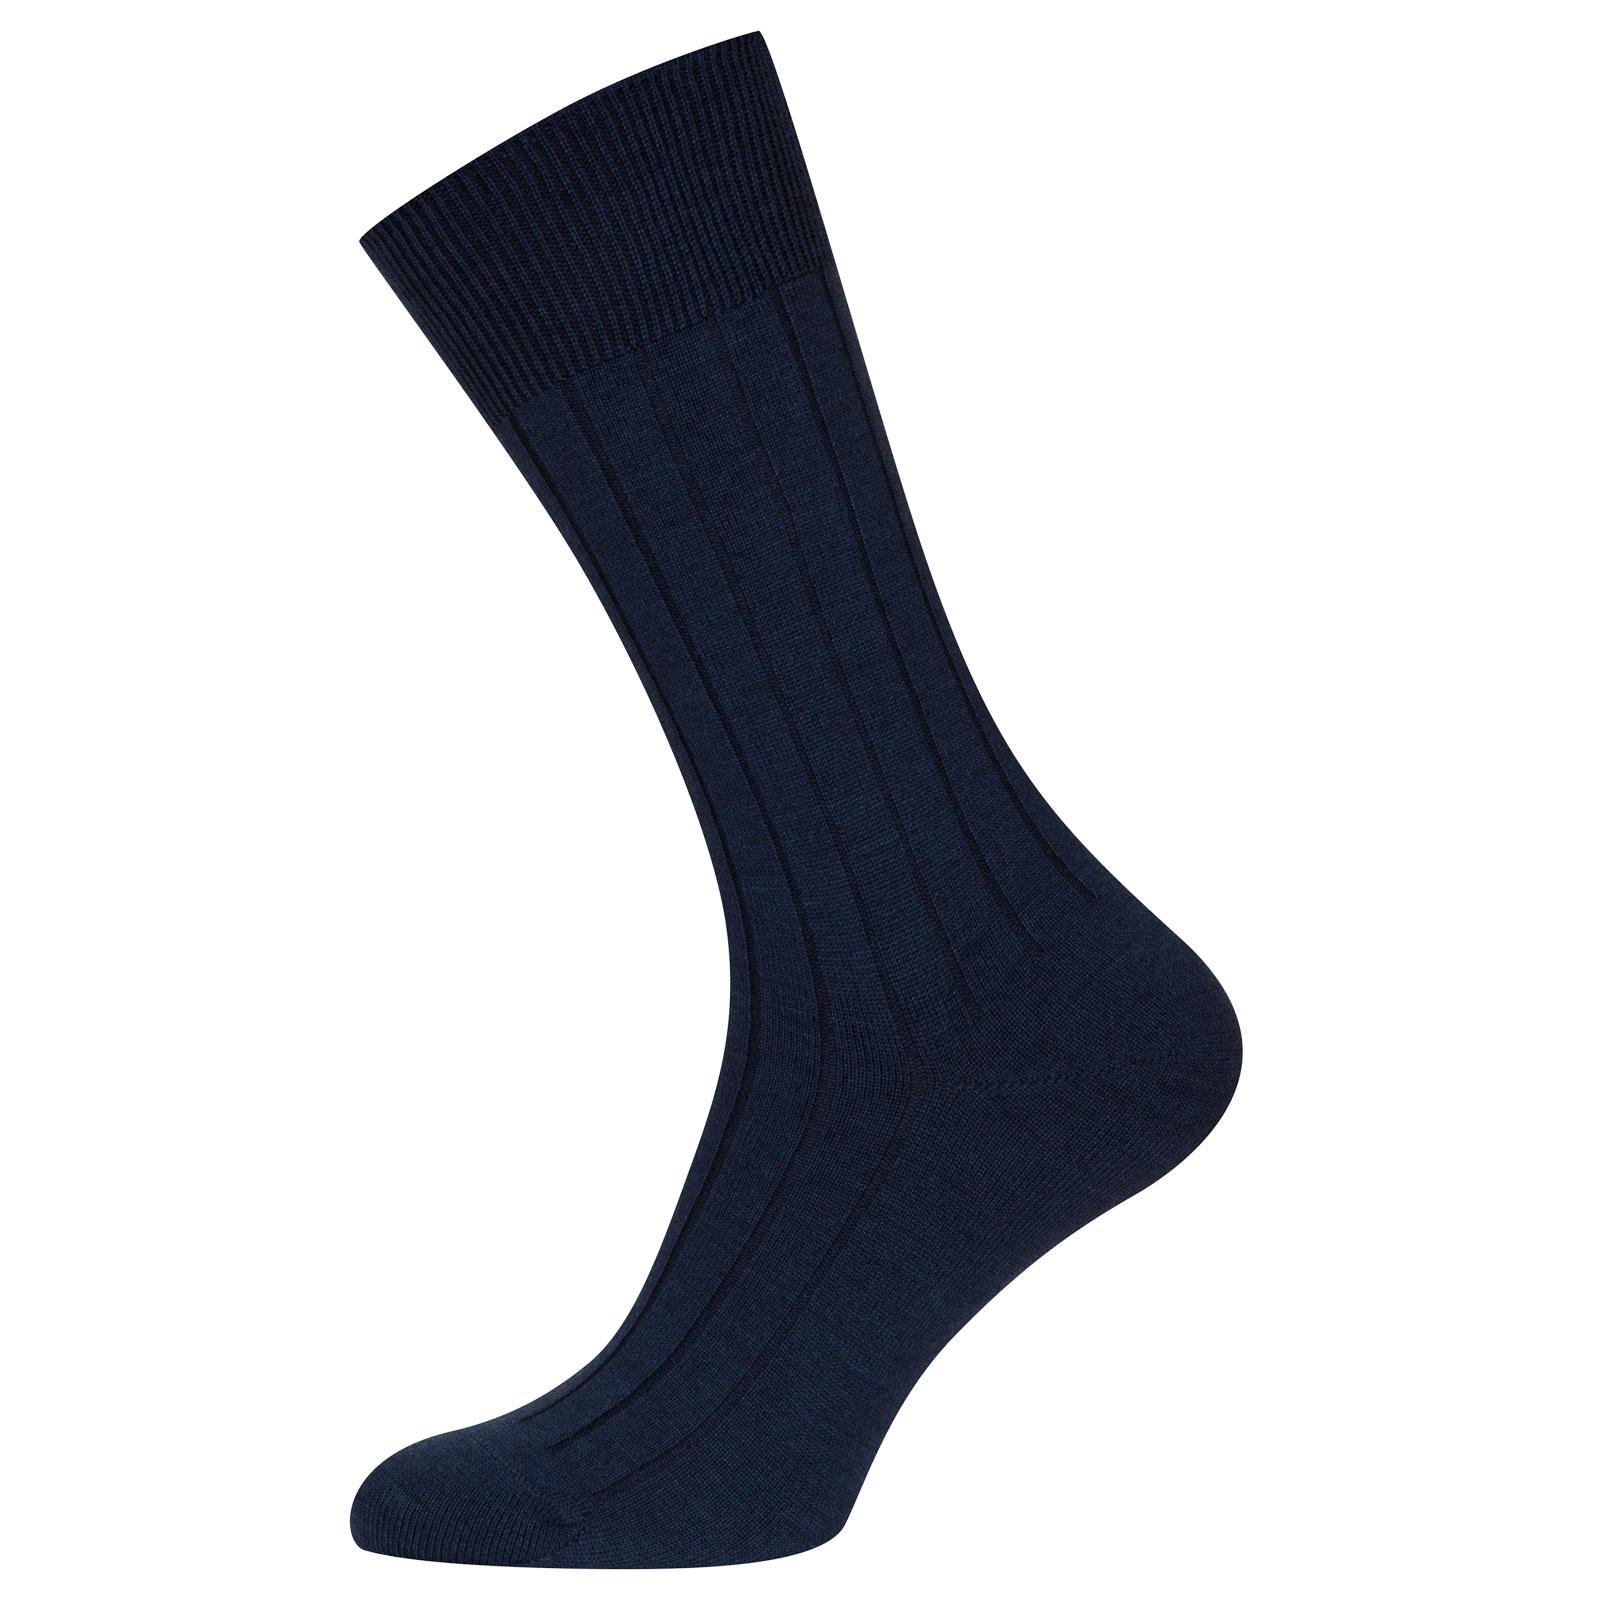 John Smedley Omega in Indigo Socks-M/L